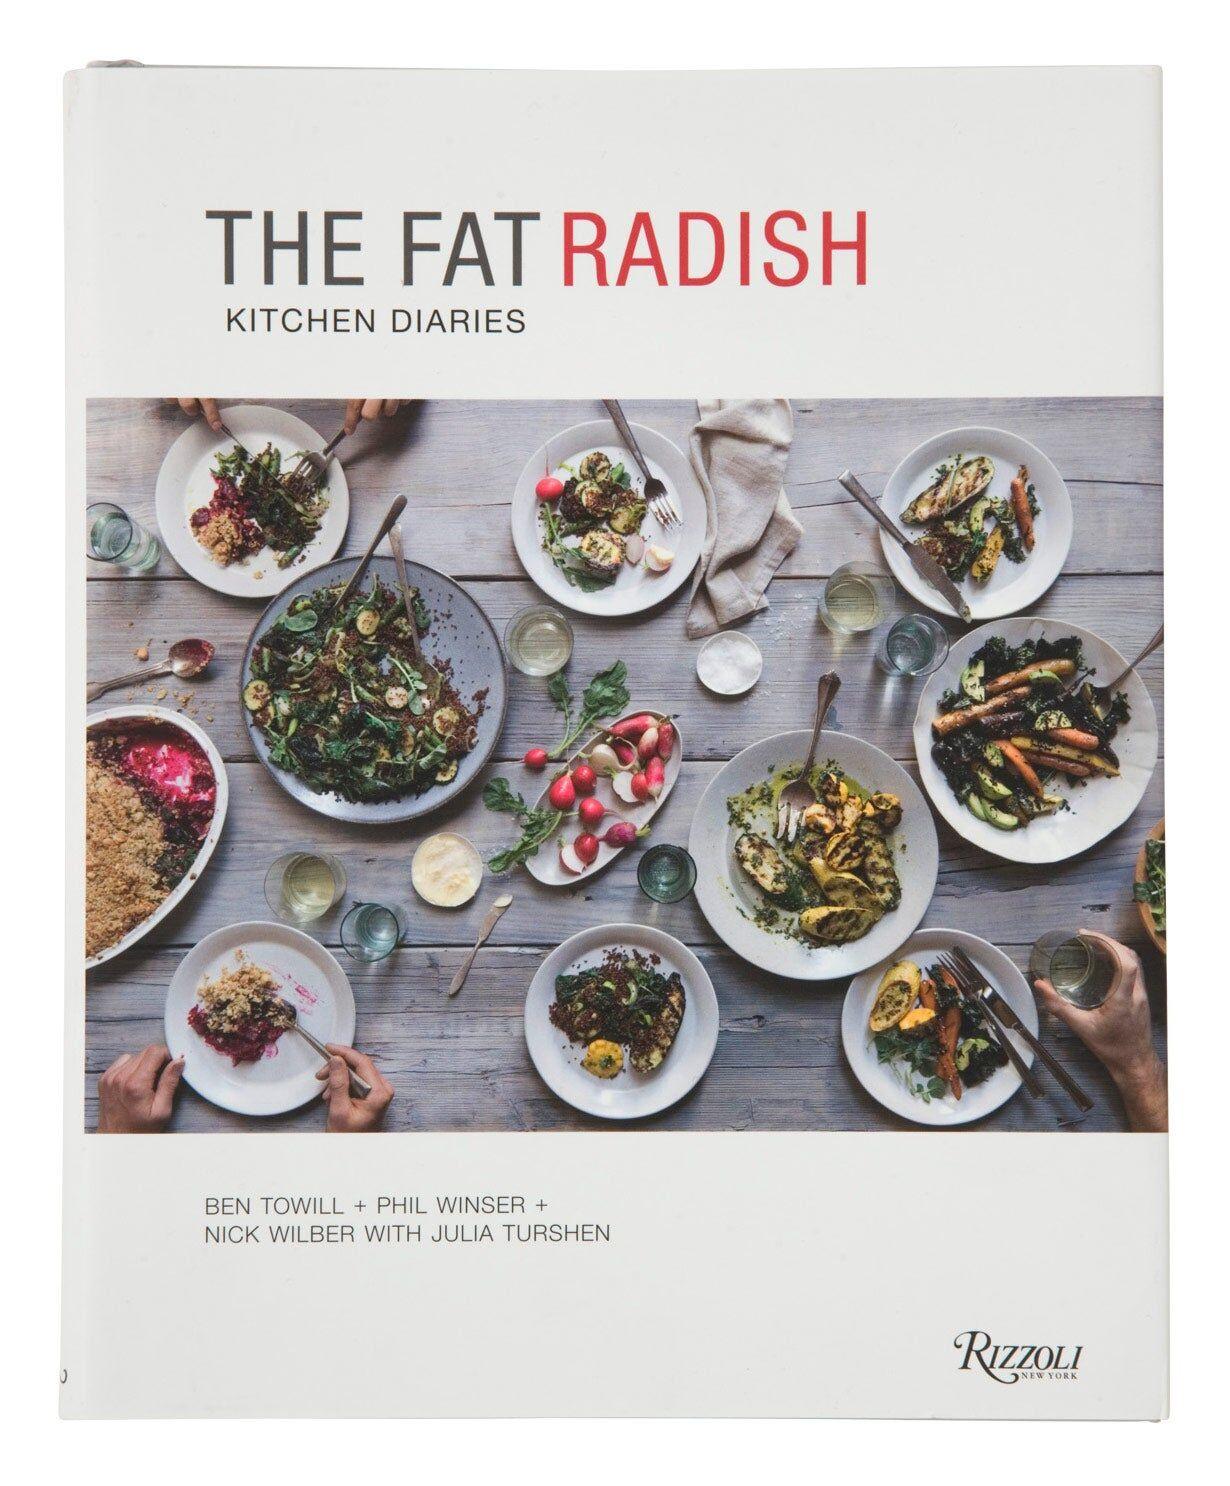 The Fat Radish Kitchen Diaries